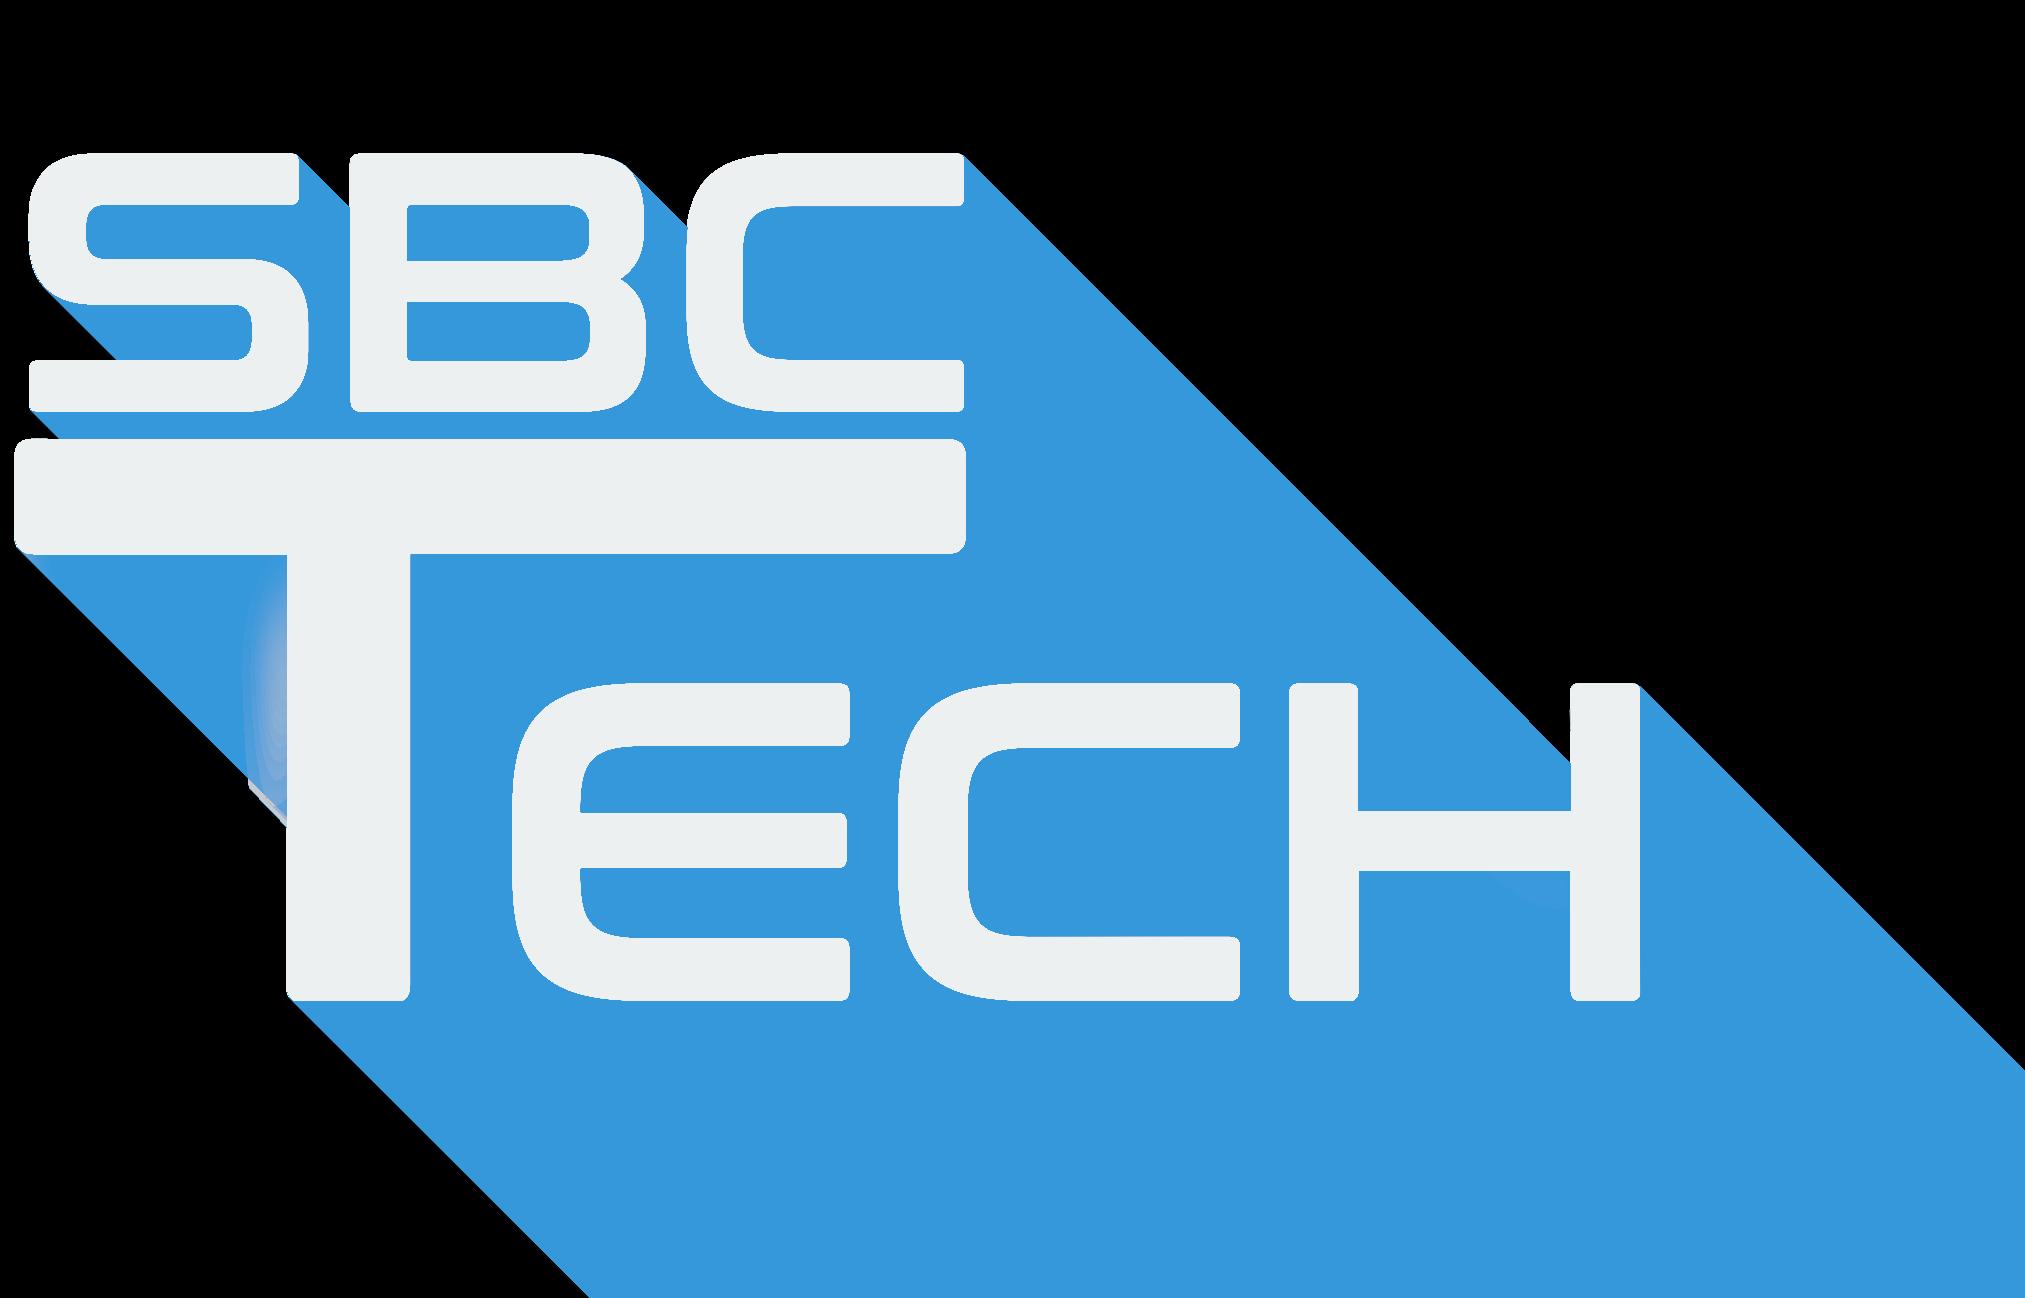 SBCTech